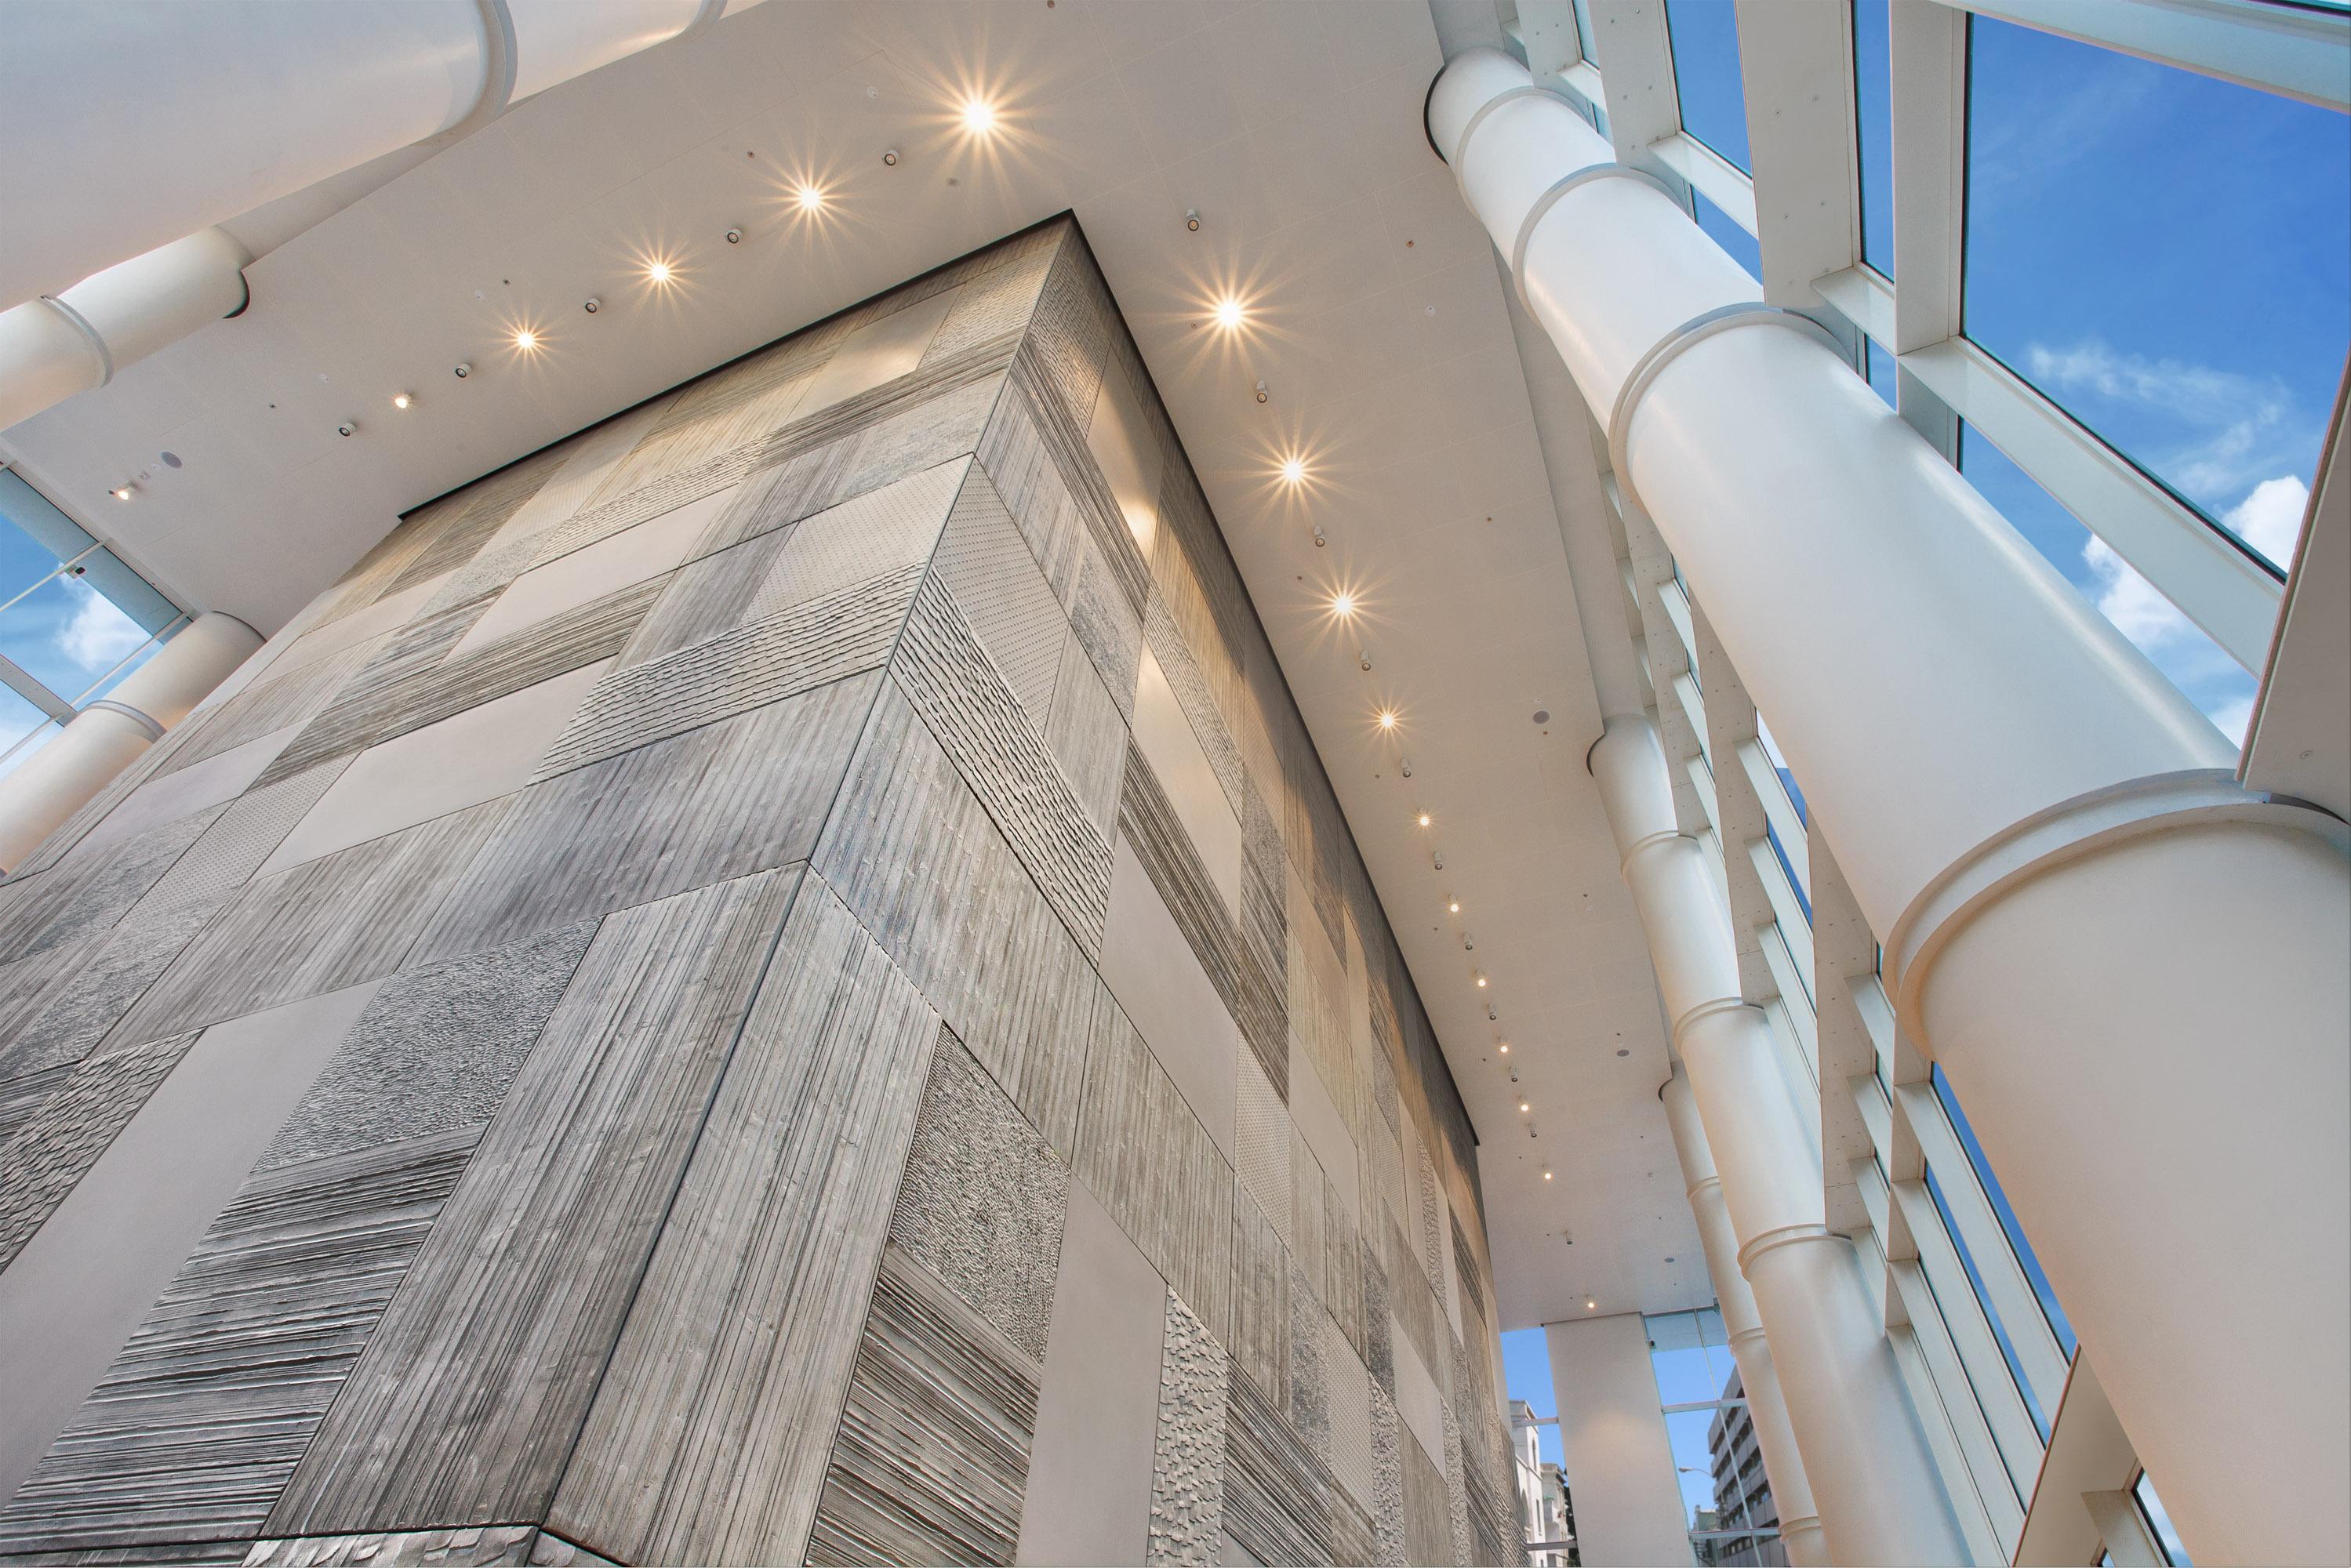 תומר בורמד - צילום אדריכלות